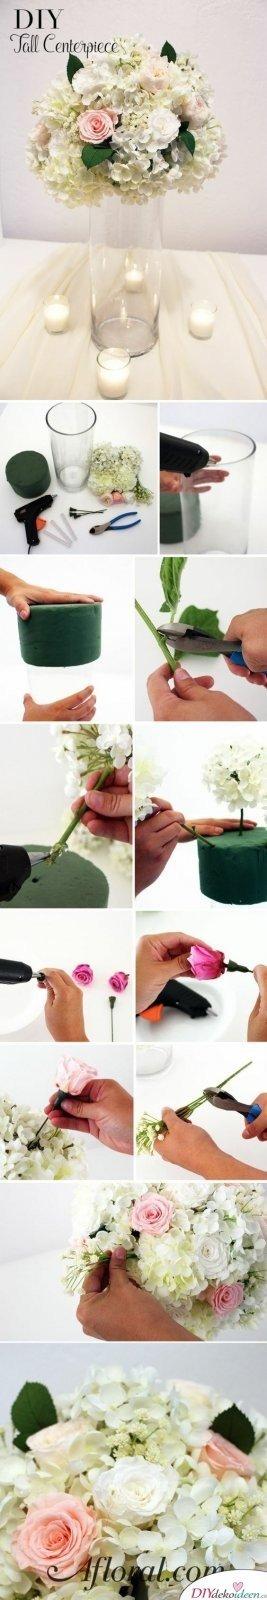 20 + DIY Bastelideen zur Hochzeit - DIY Blumen Tischschmuck